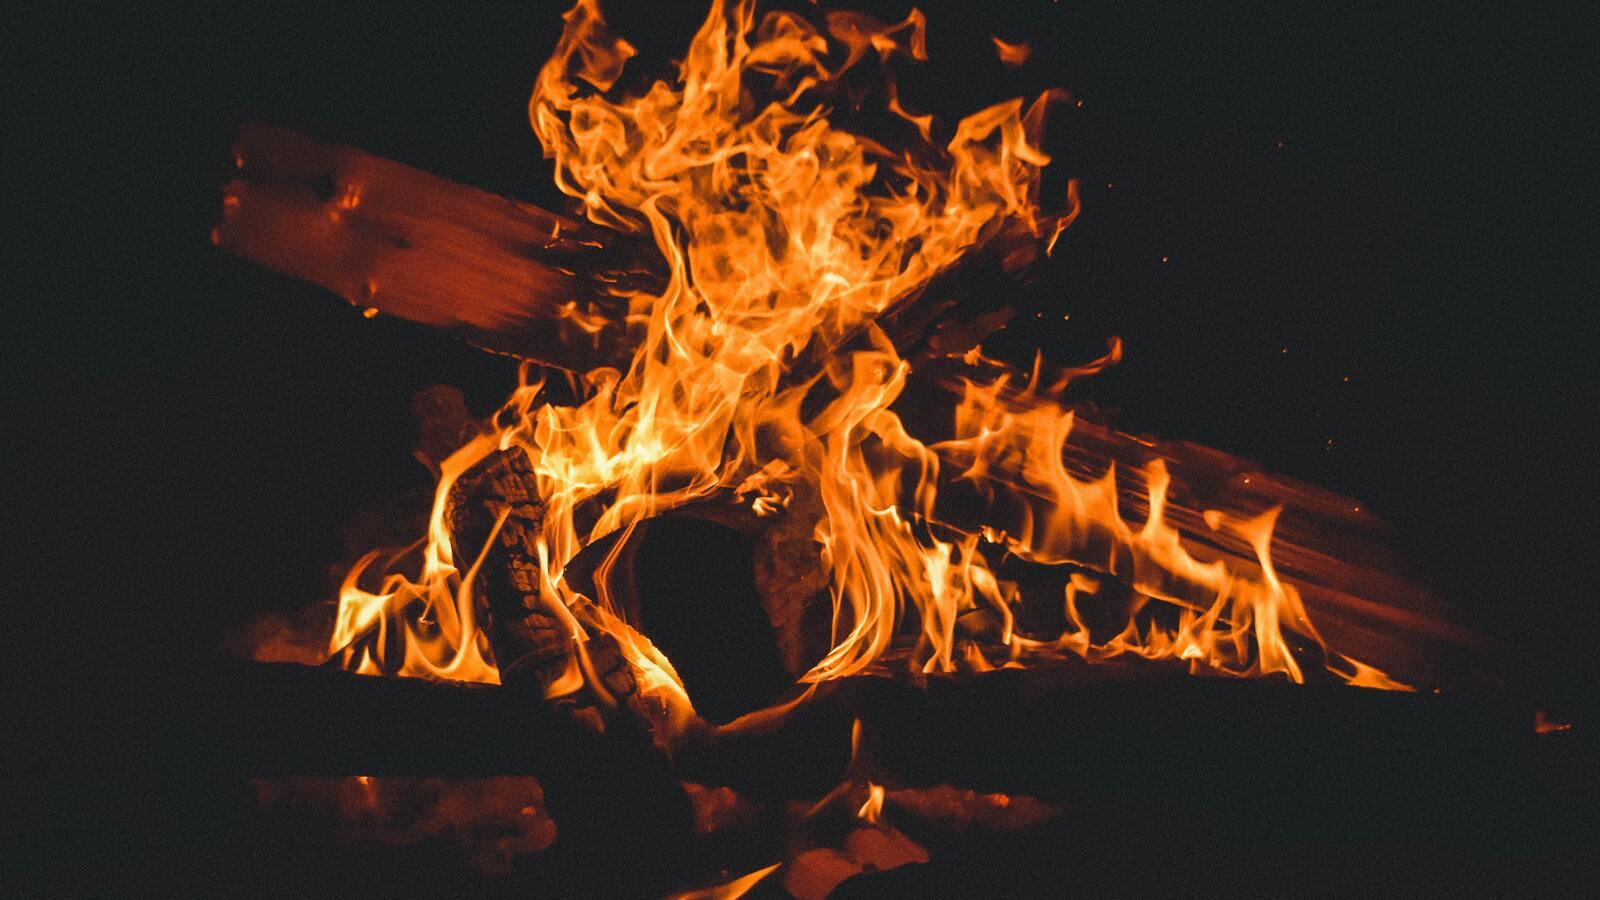 bonfire-campfire-burning-5k-bp.jpg